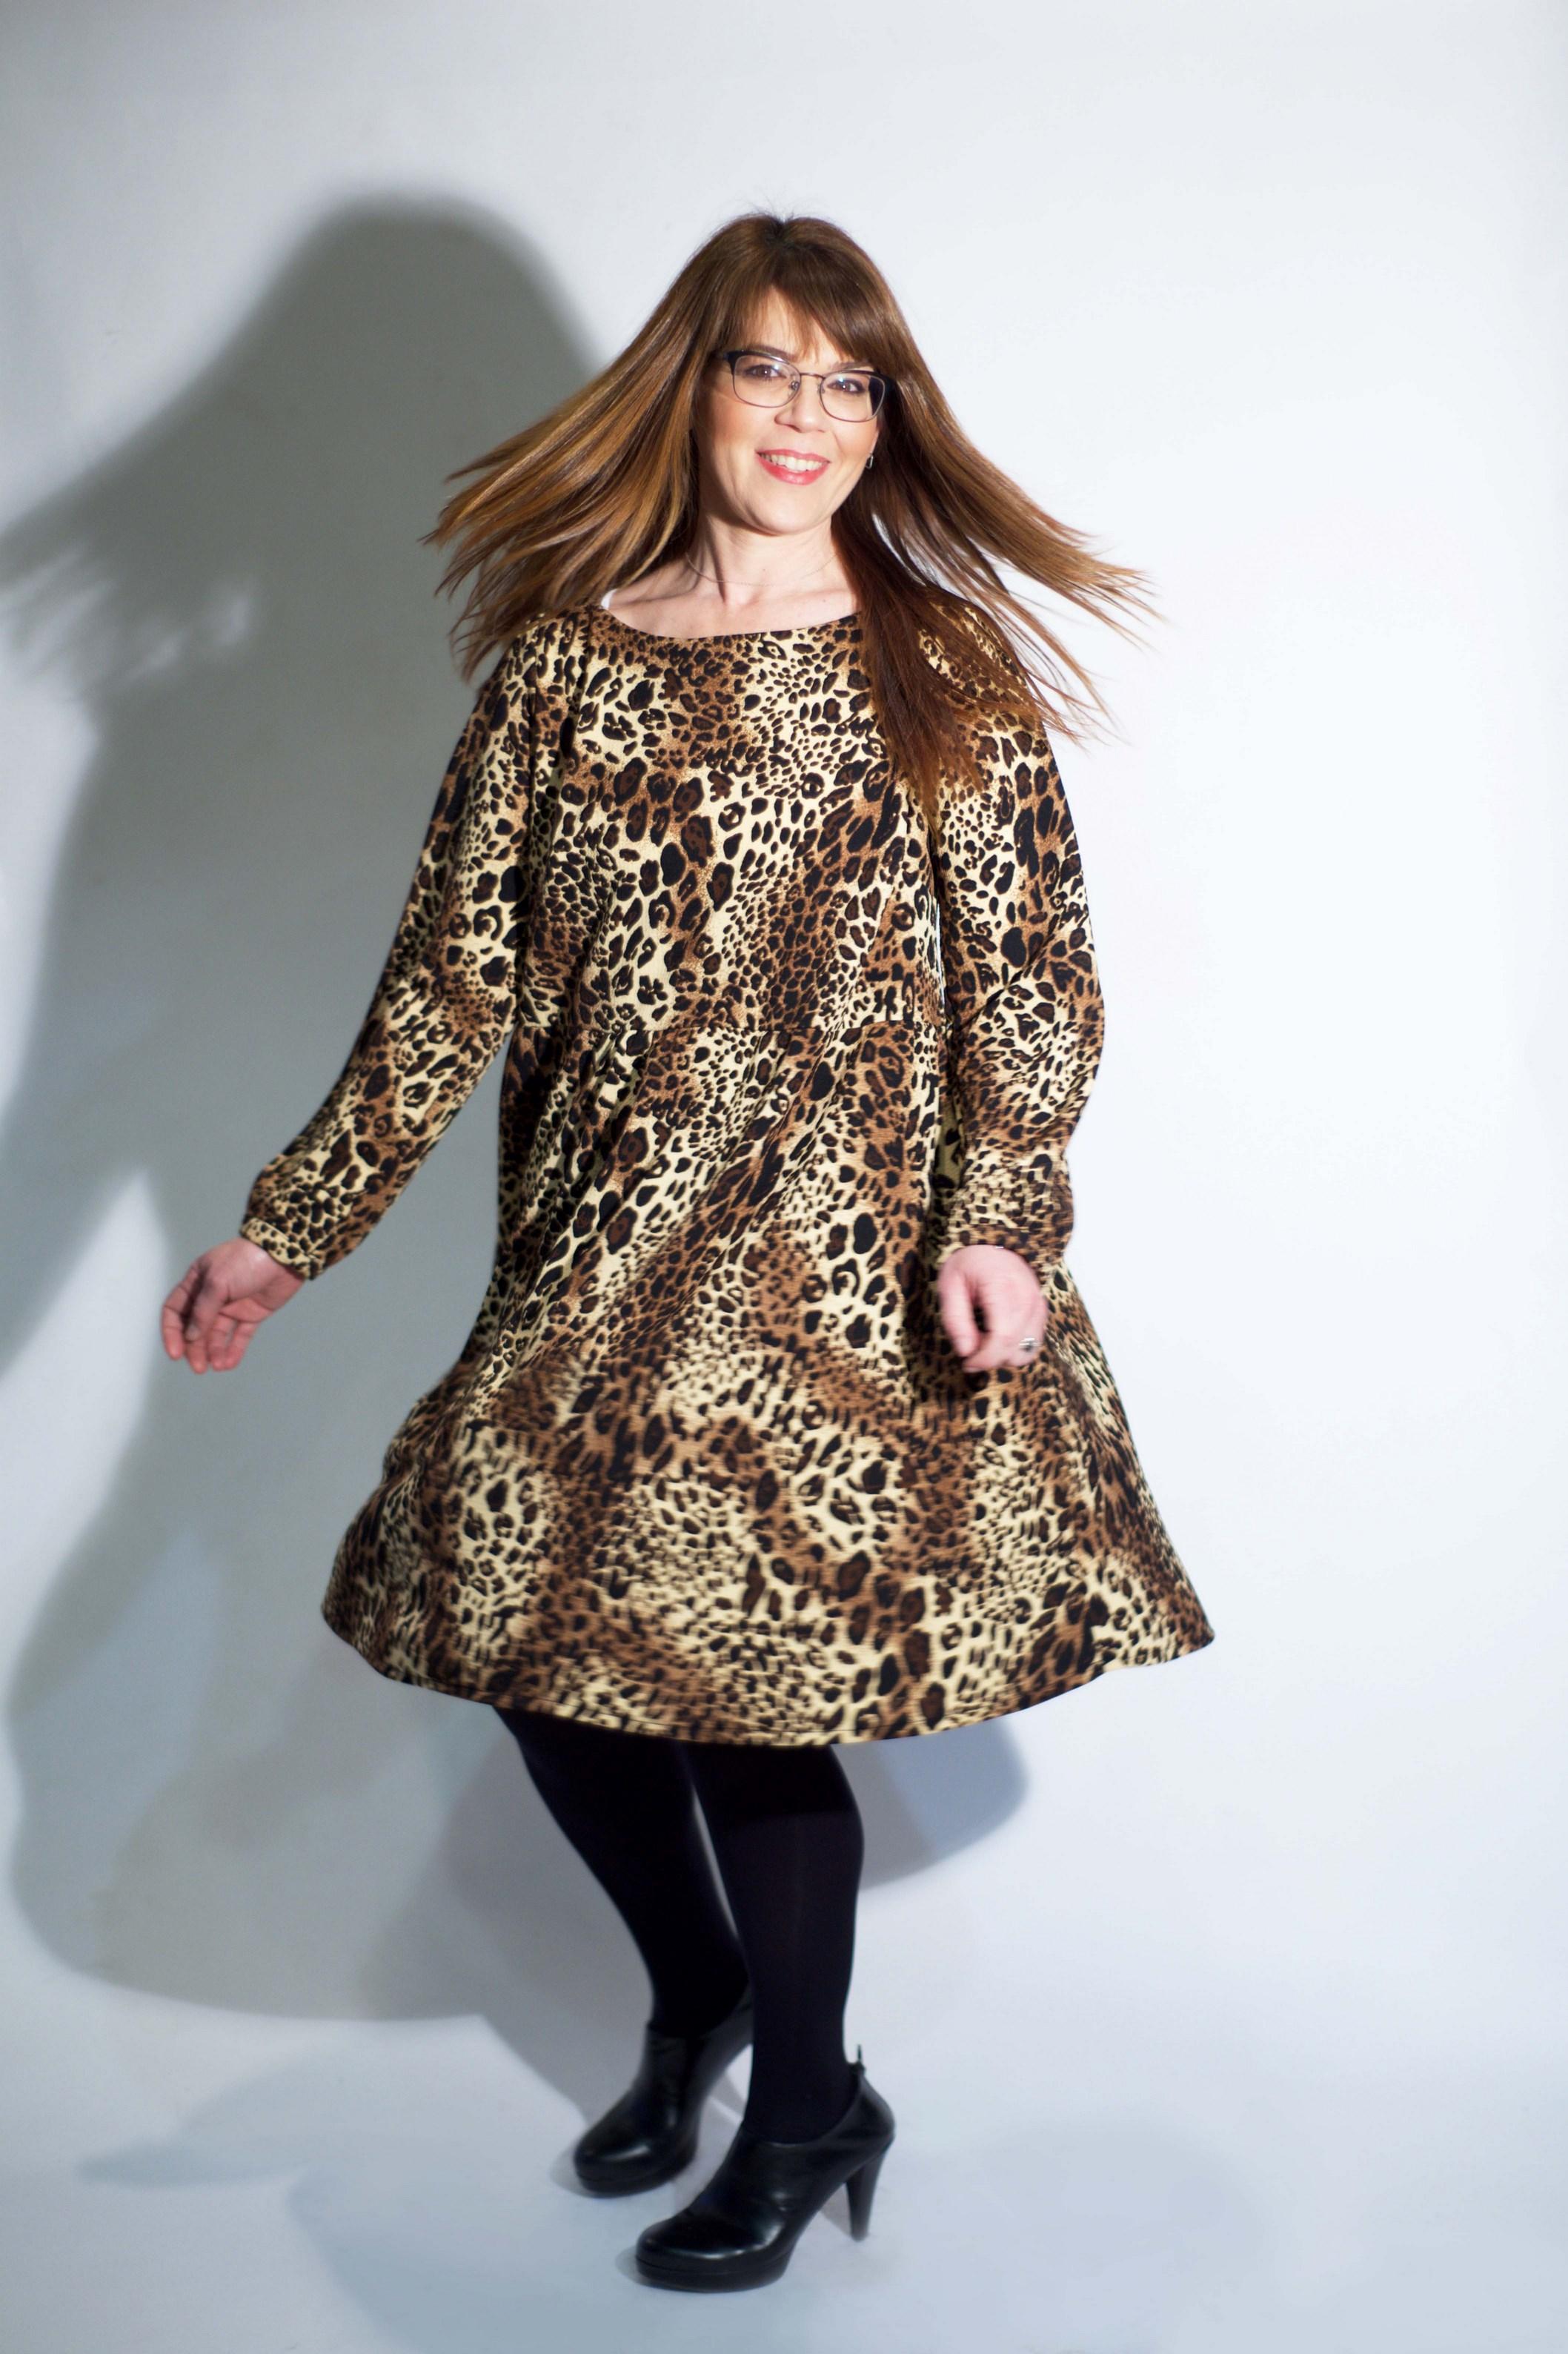 נועה לביא מדגמנת שמלה מנומרת של המעצבת טלי אימבר. תעלה במכירה הגדולה רק 119 שח. בית טפר תל גיבורים 5 תא צילום מאיה שוהם (Copy).jpg